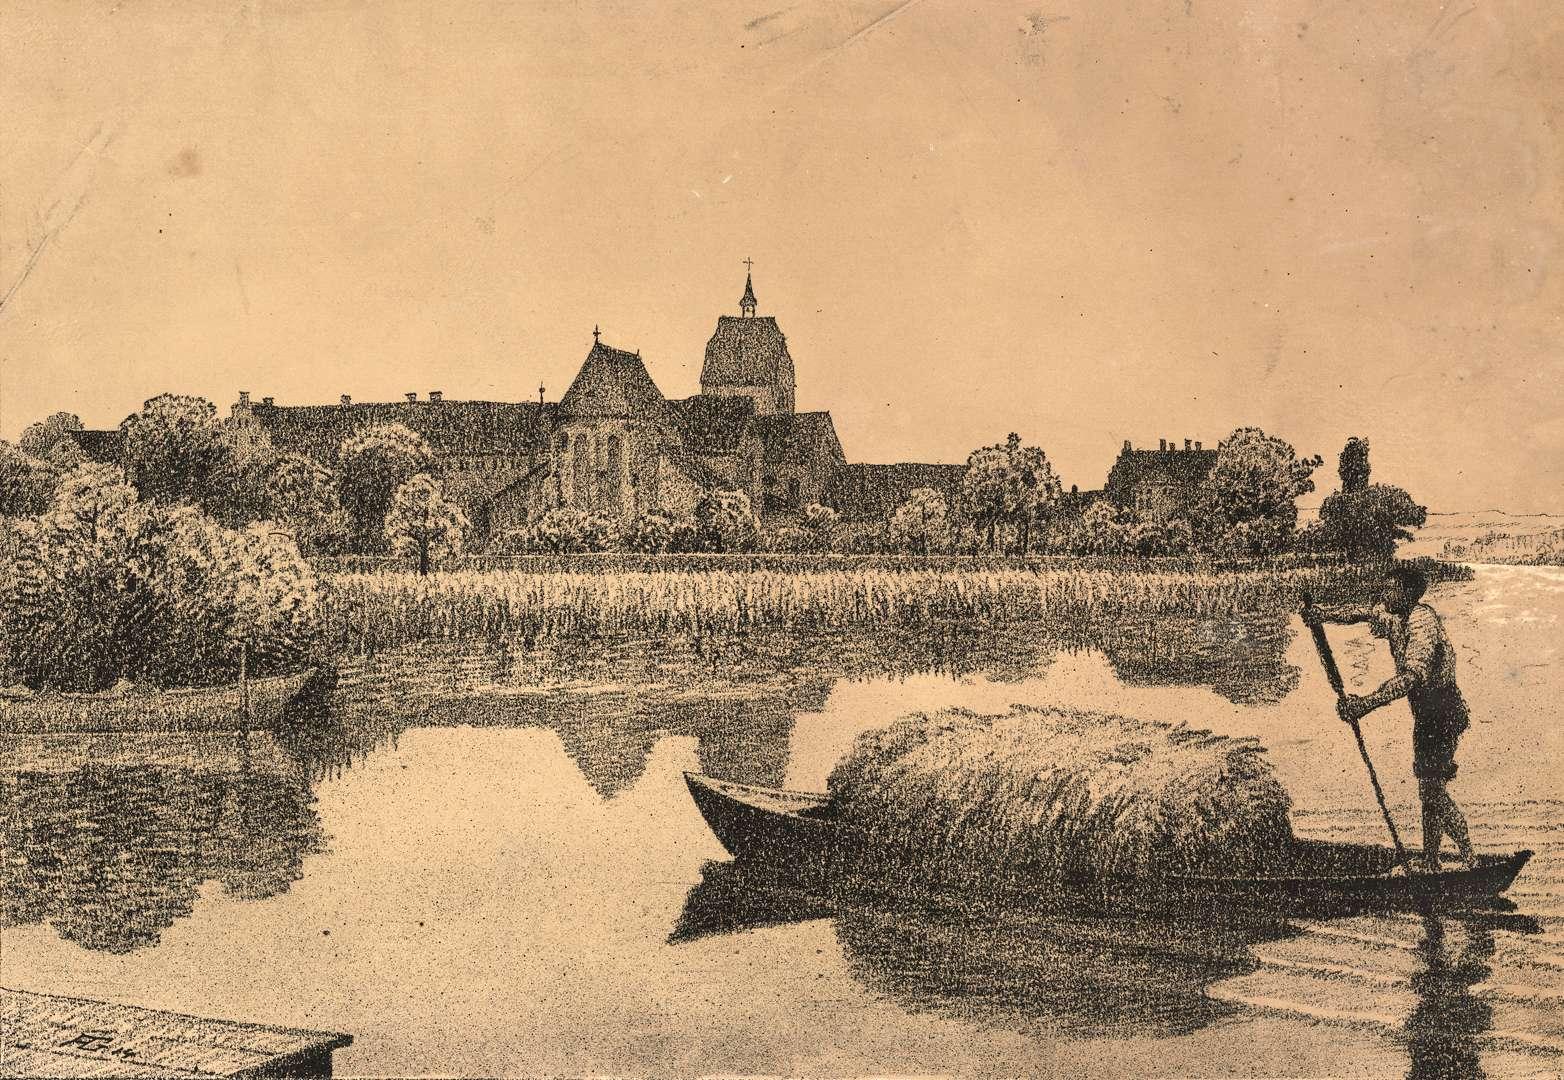 Kloster Reichenau auf der Insel Reichenau, Bild 1